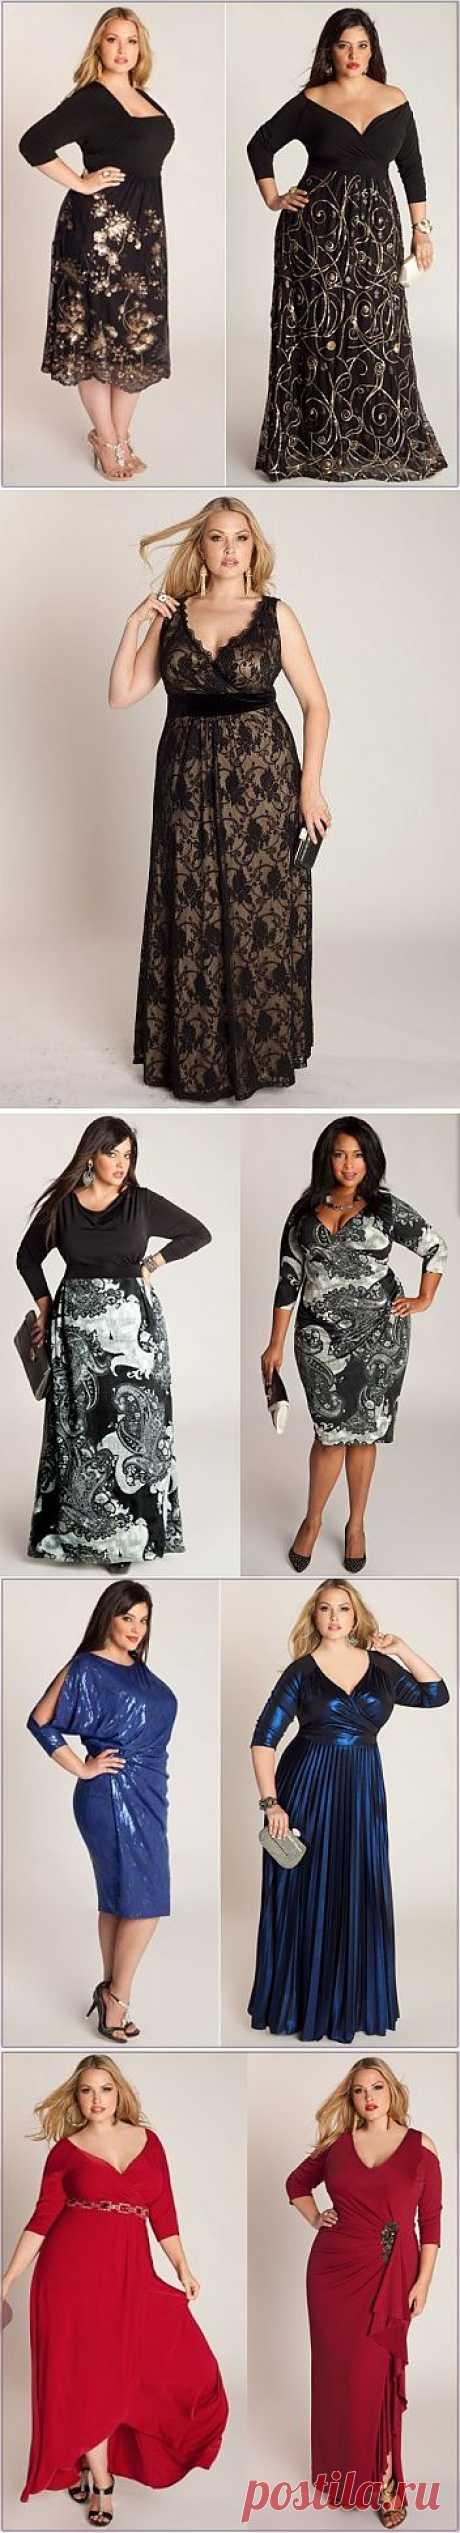 Праздничные платья для полных женщин